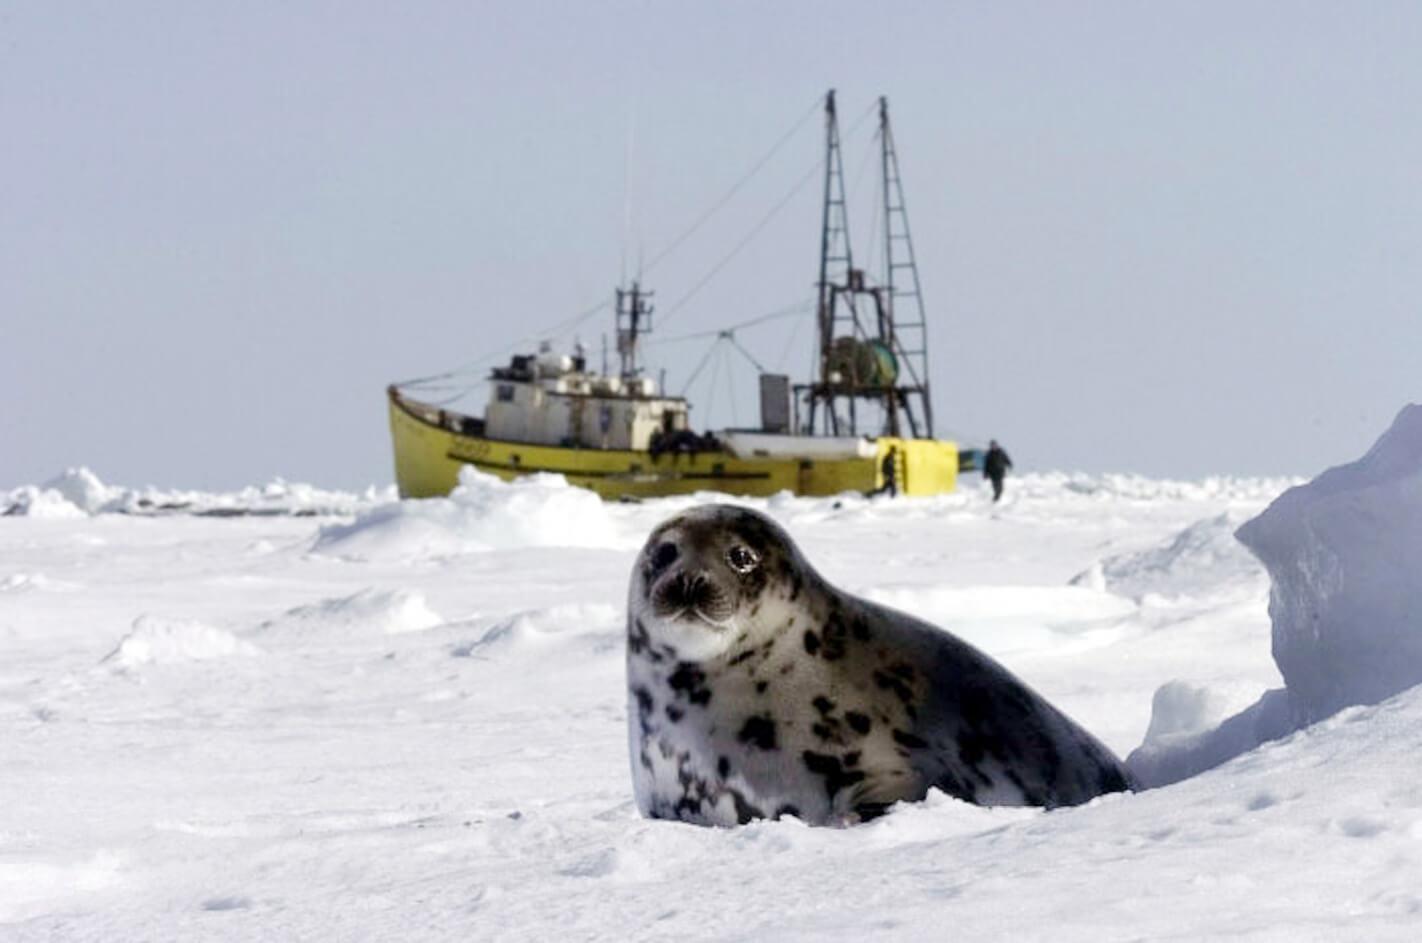 En selunge ligger på isen med en selfangstskute i bakgrunnen.